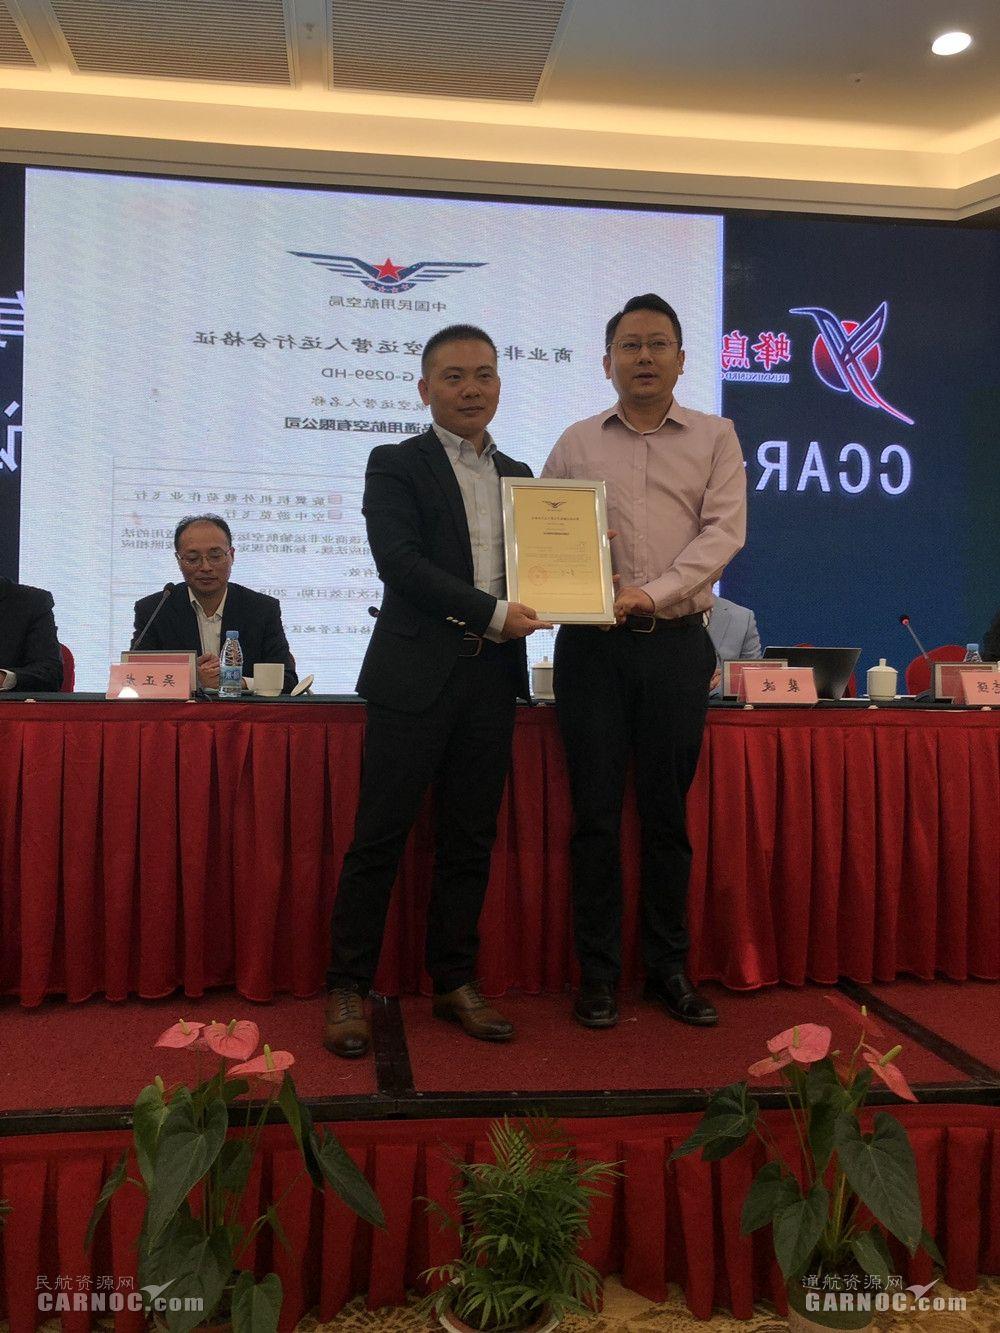 安徽第四家!蜂鸟通航获颁91部运行合格证|新闻动态-飞翔通航(北京)服务有限责任公司